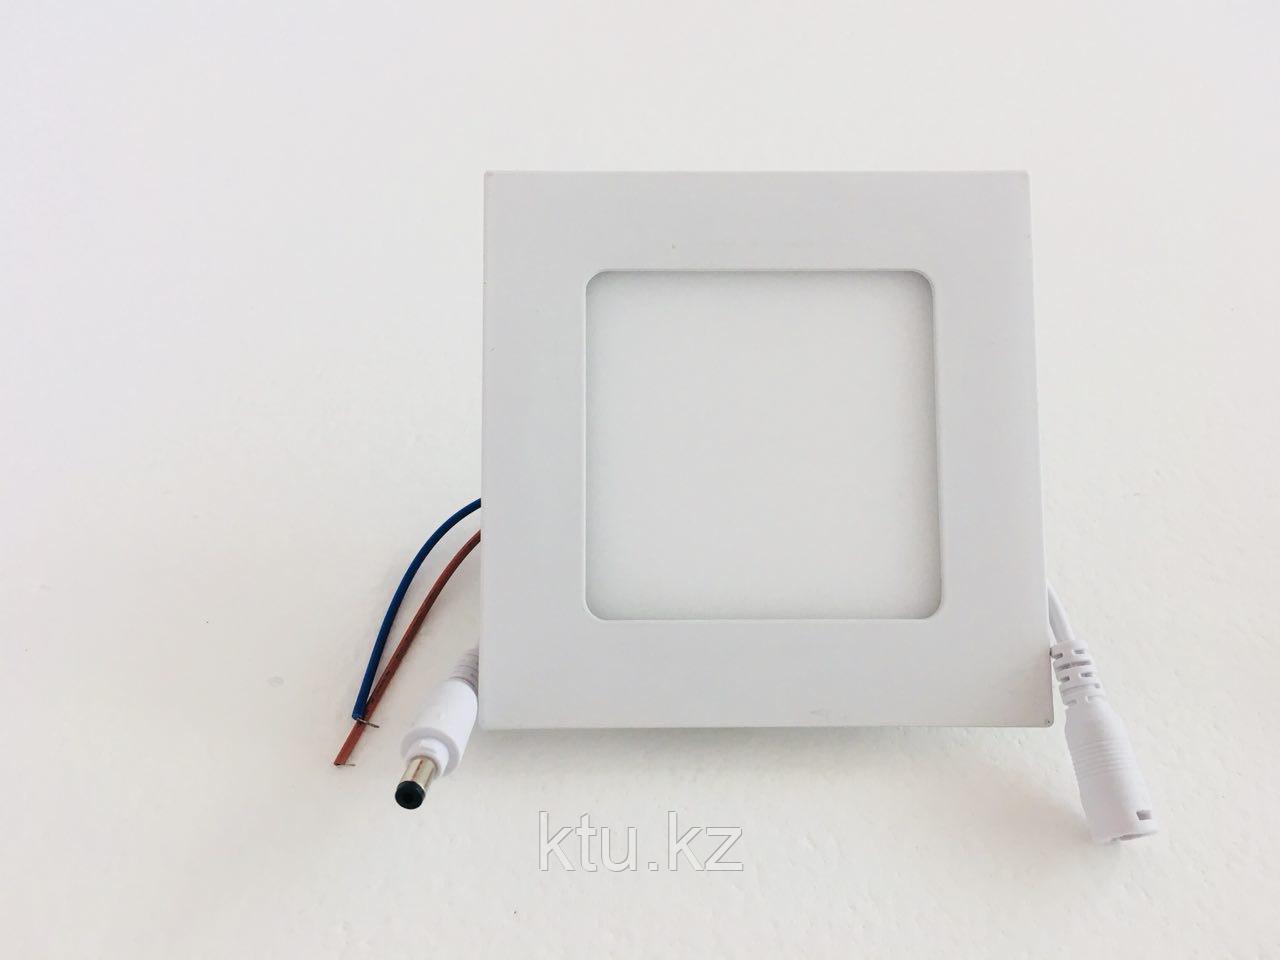 Светильники (споты) JL-F 4W внутренний, 3год гарантия